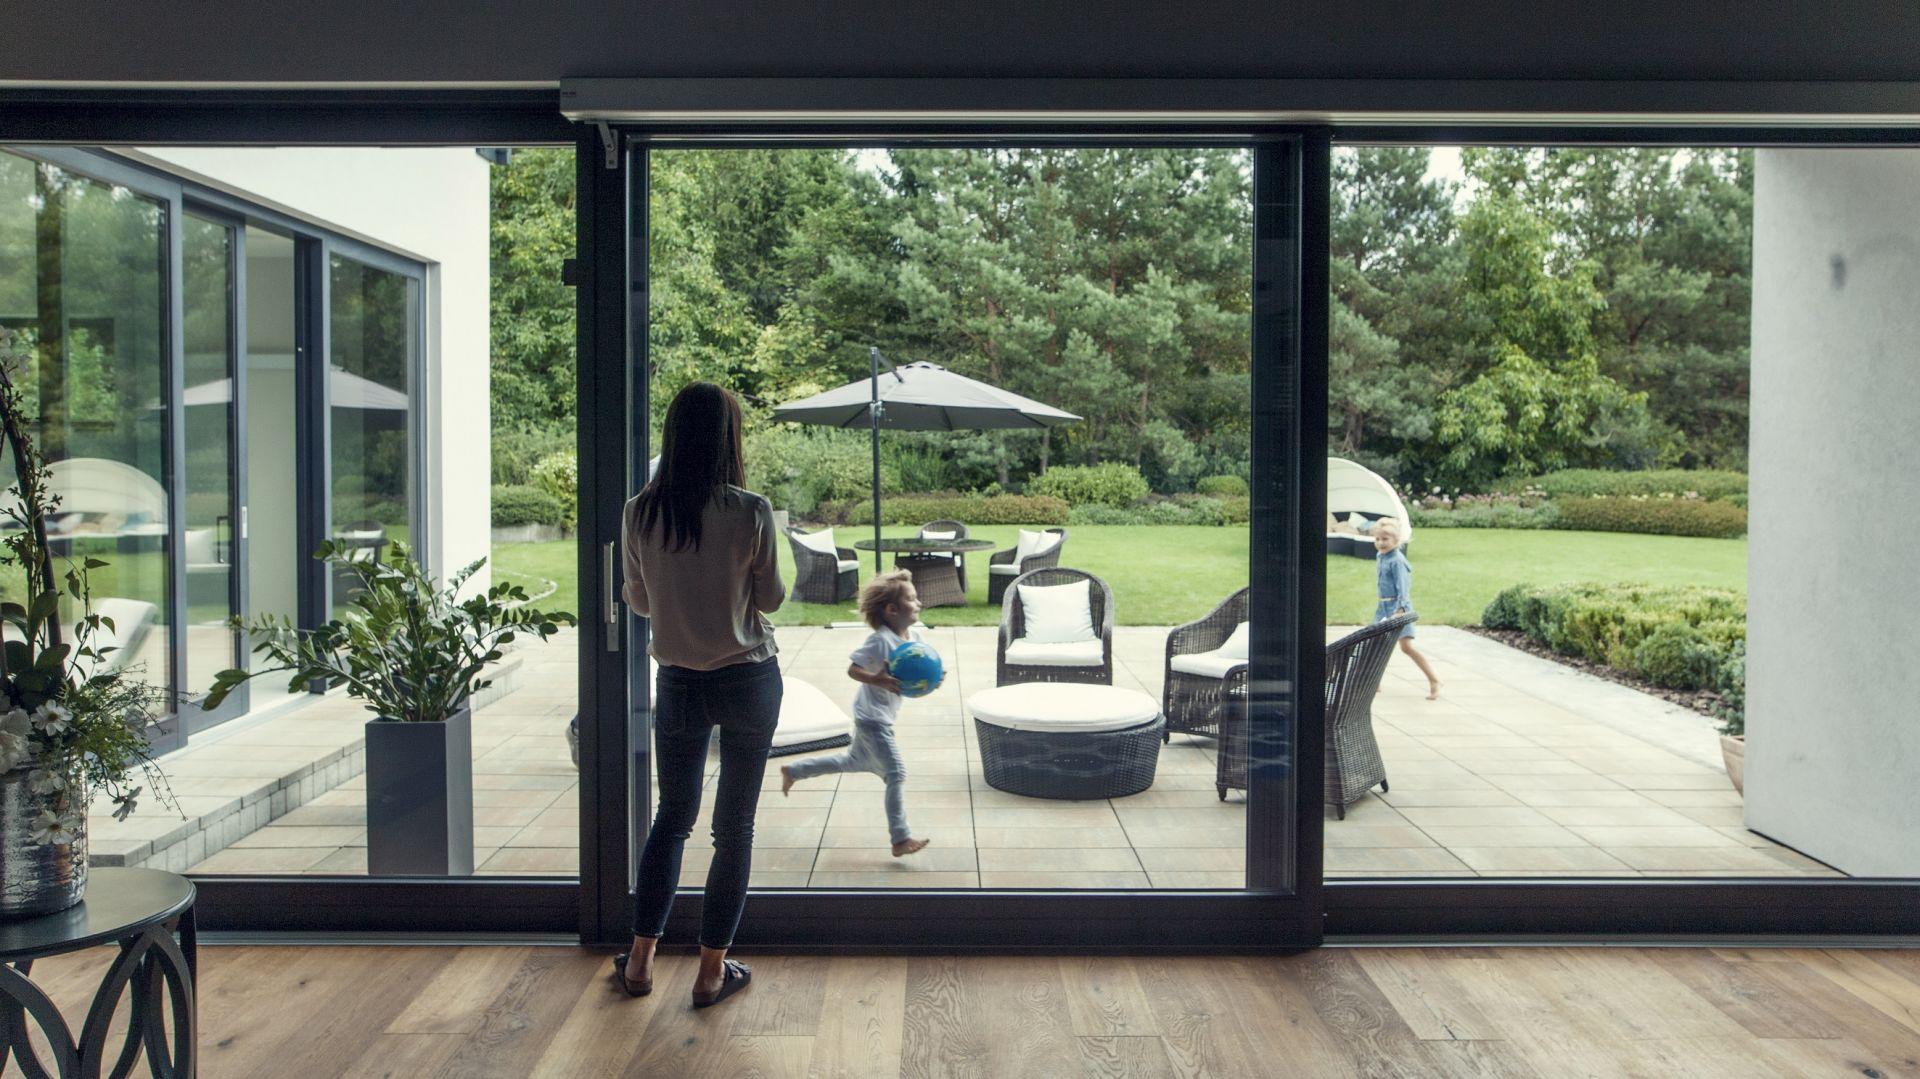 Drzwi tarasowe w wersji aluminiowej. fot. G-U Polska